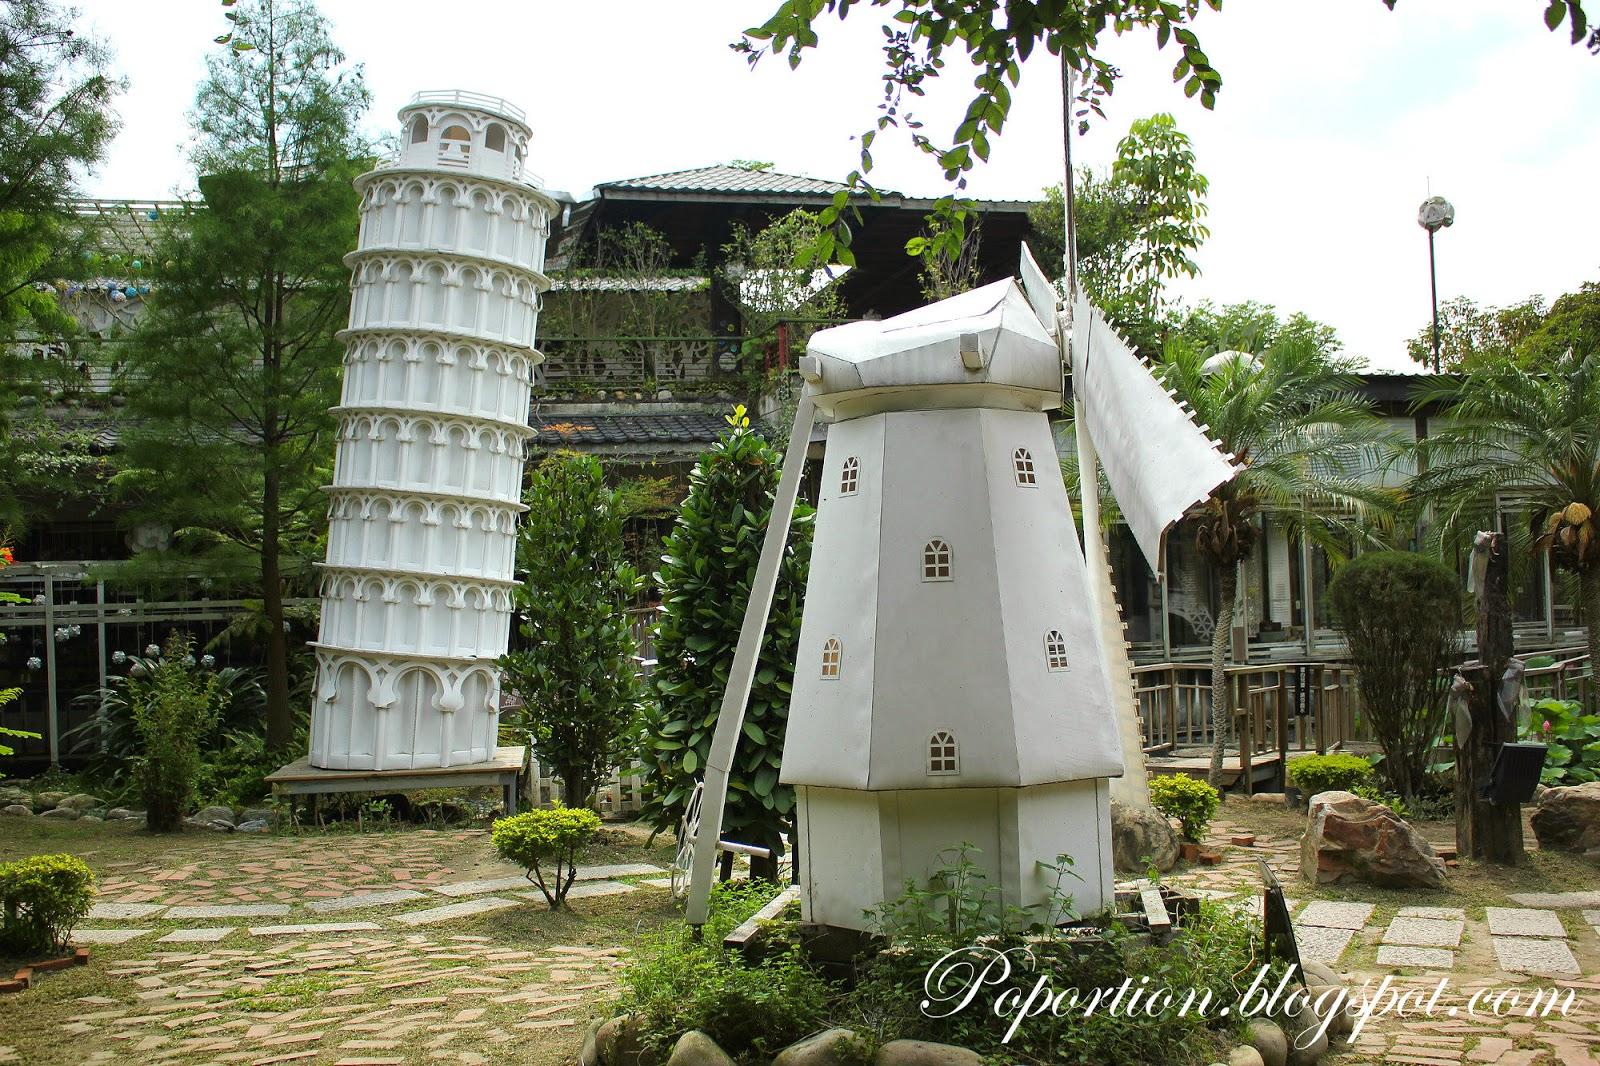 pisa tower model